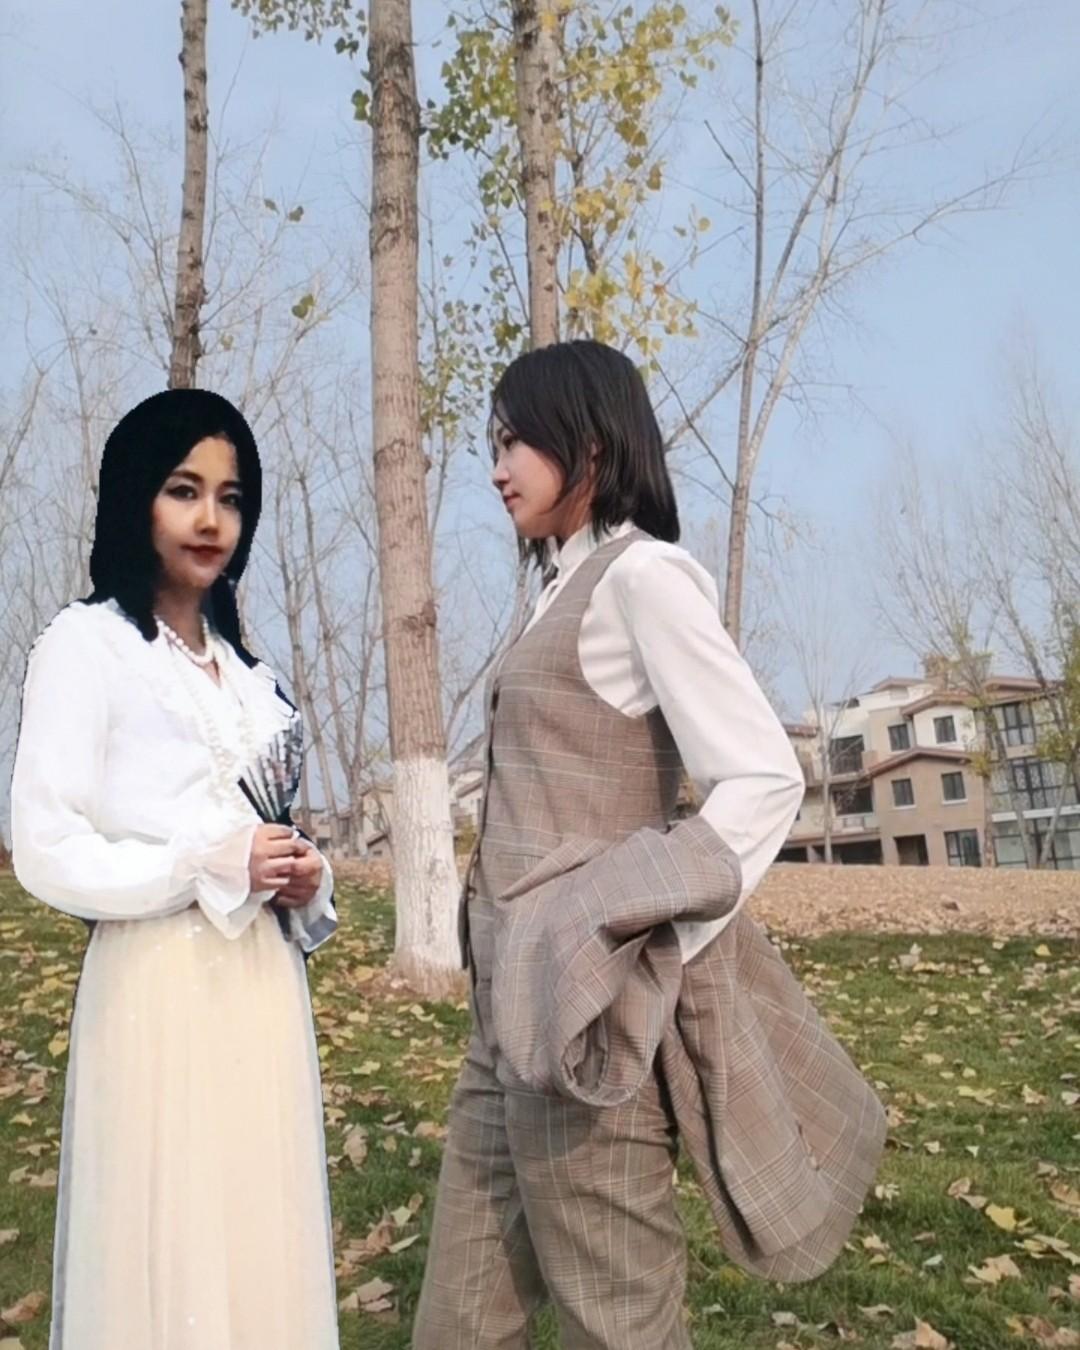 🌟秋膘大作战 😄这两个人是谁?美丽的秋天到了,美美的去约